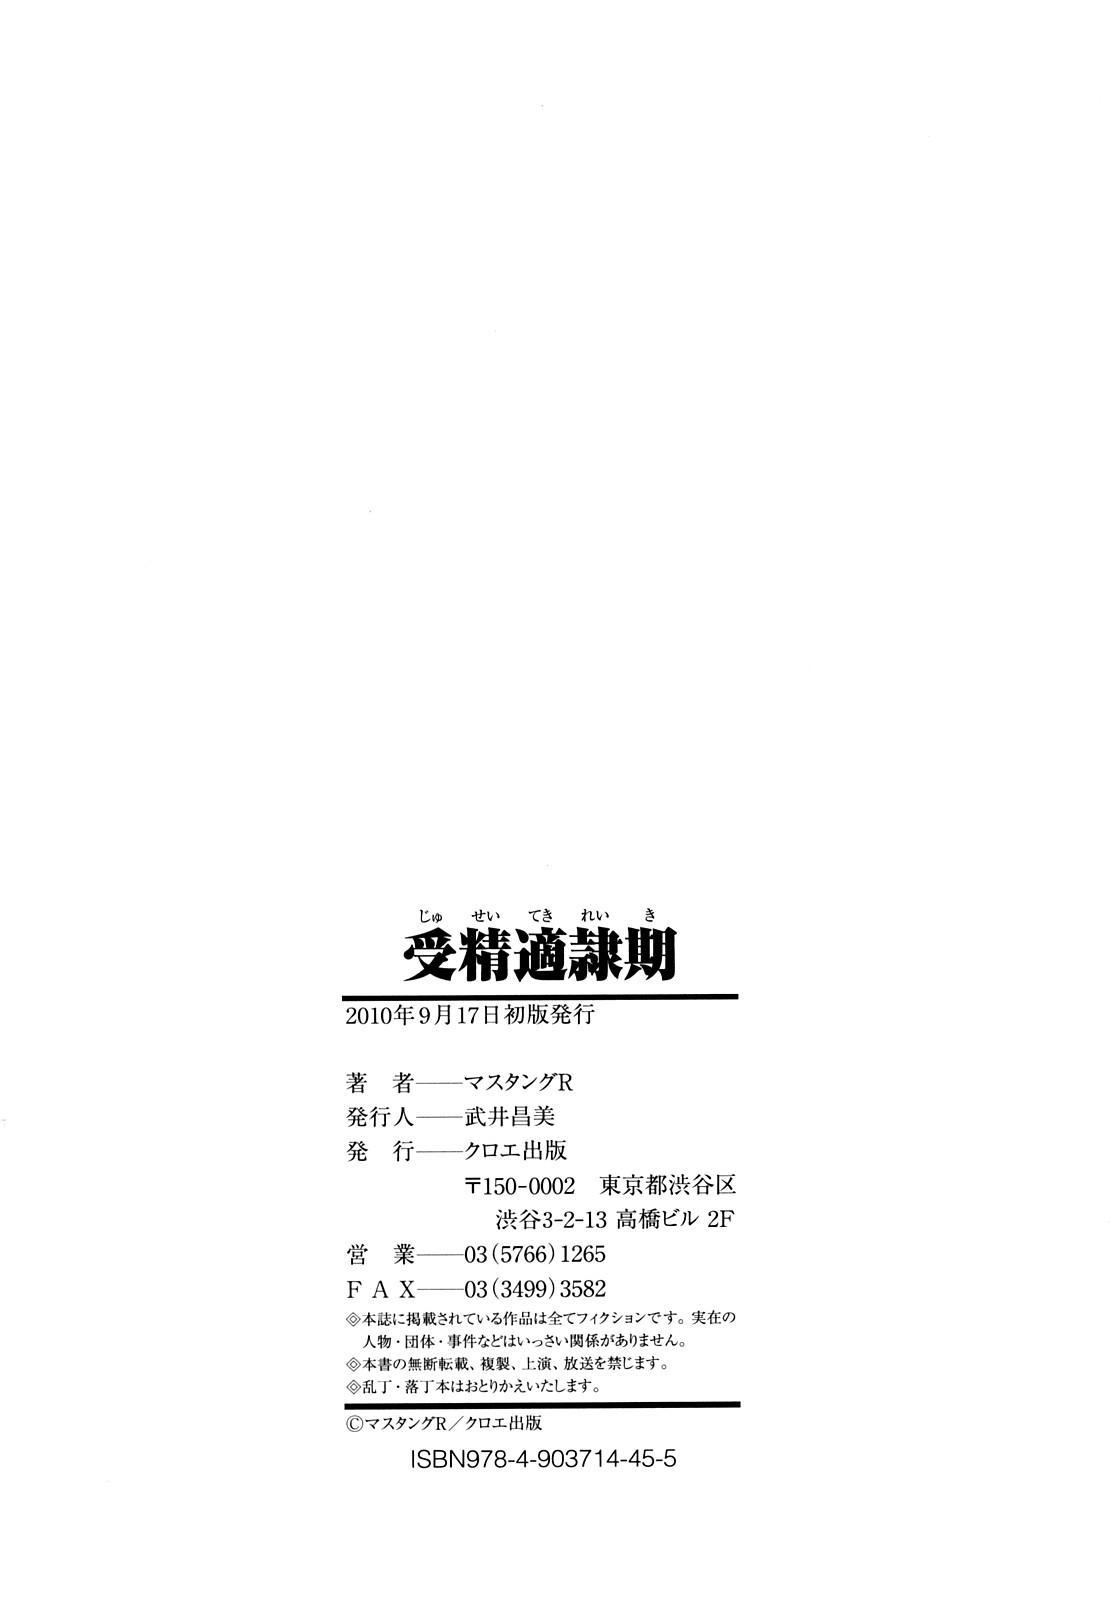 Jusei Tekireiki - Age Suitable For Fertilization 224